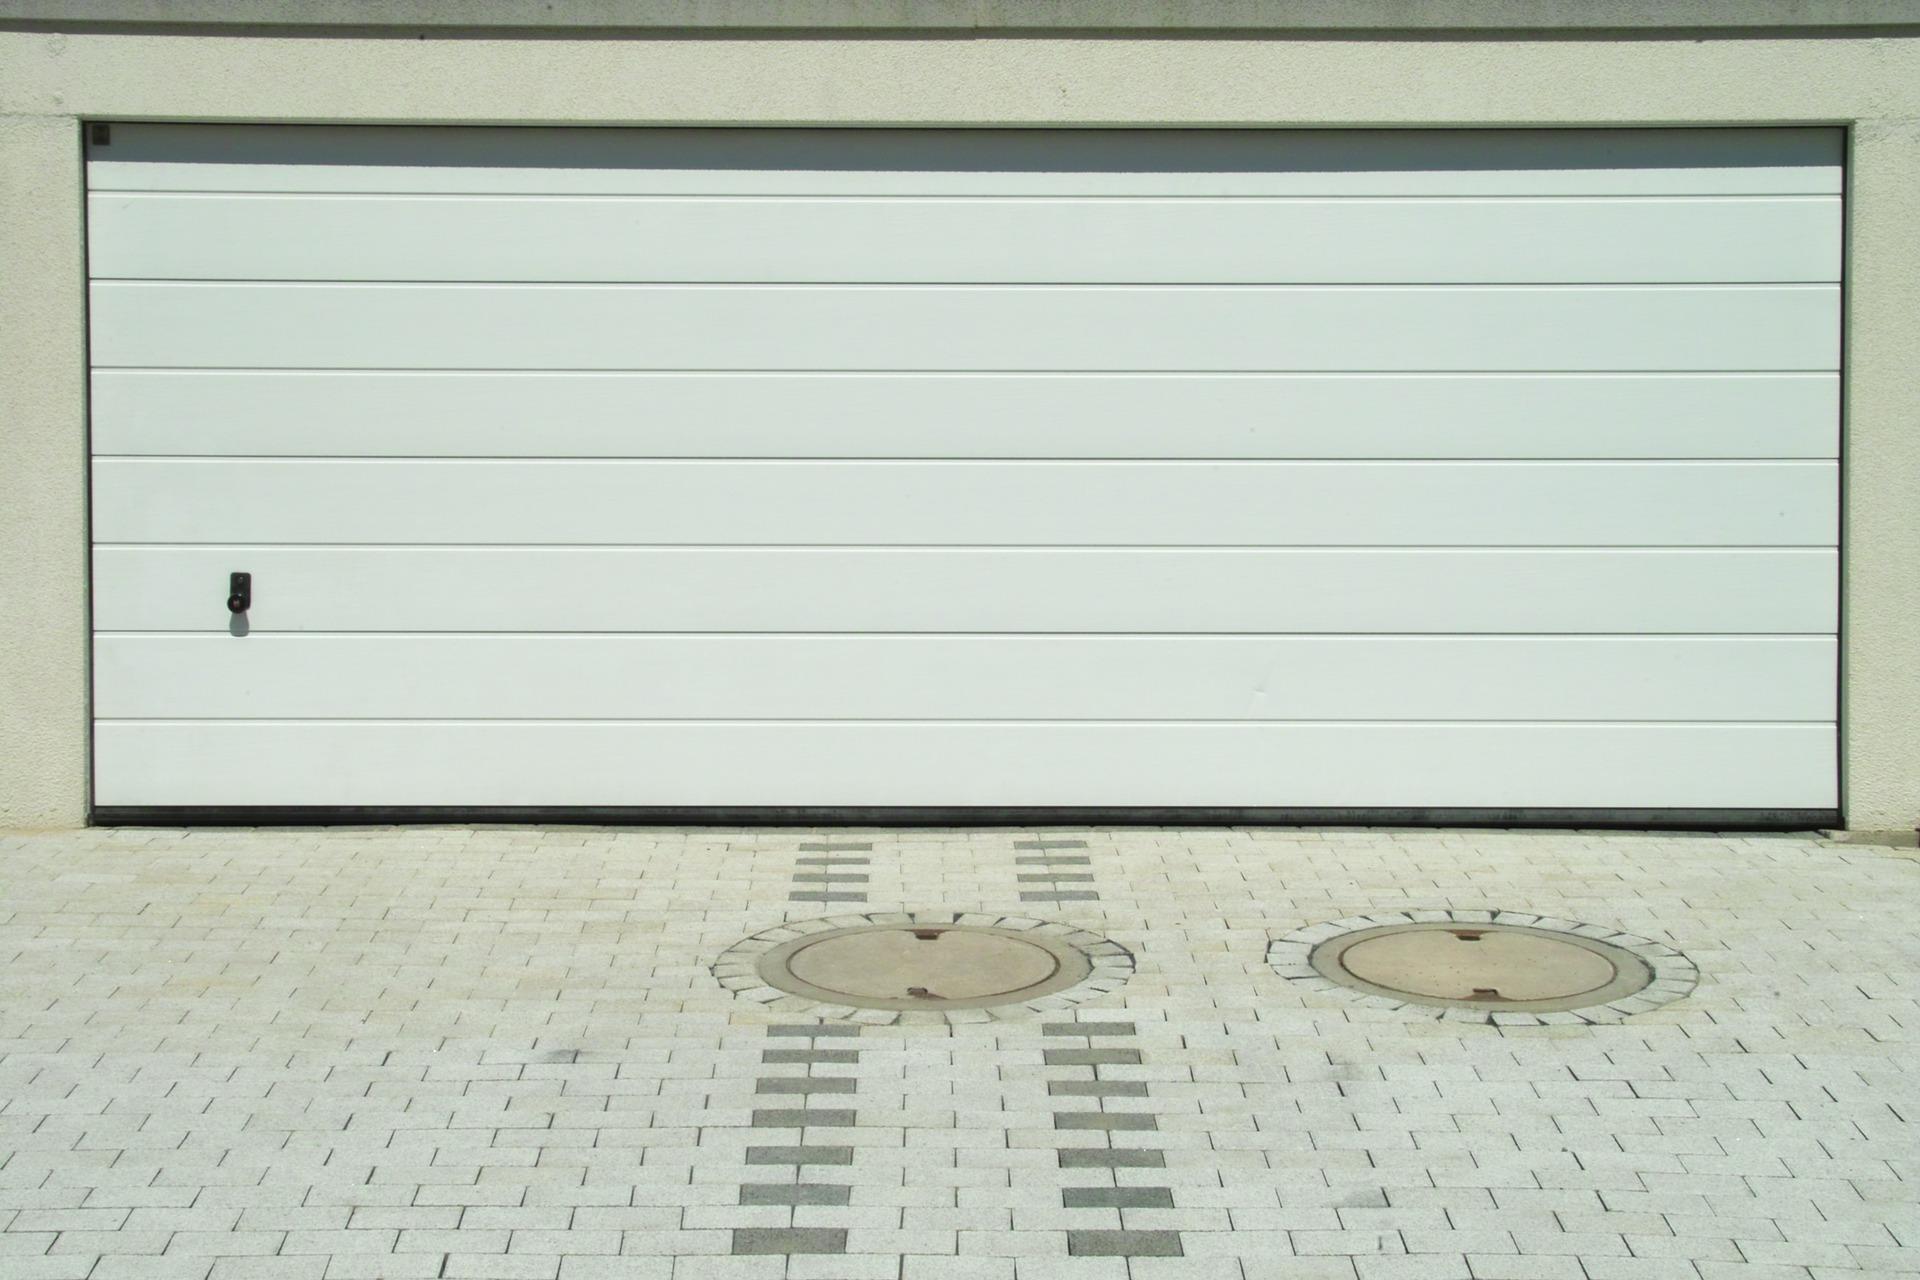 Portoni A Due Ante Per Garage Usato.Porte Sezionali Per Garage E Box Auto Prezzi E Consigli